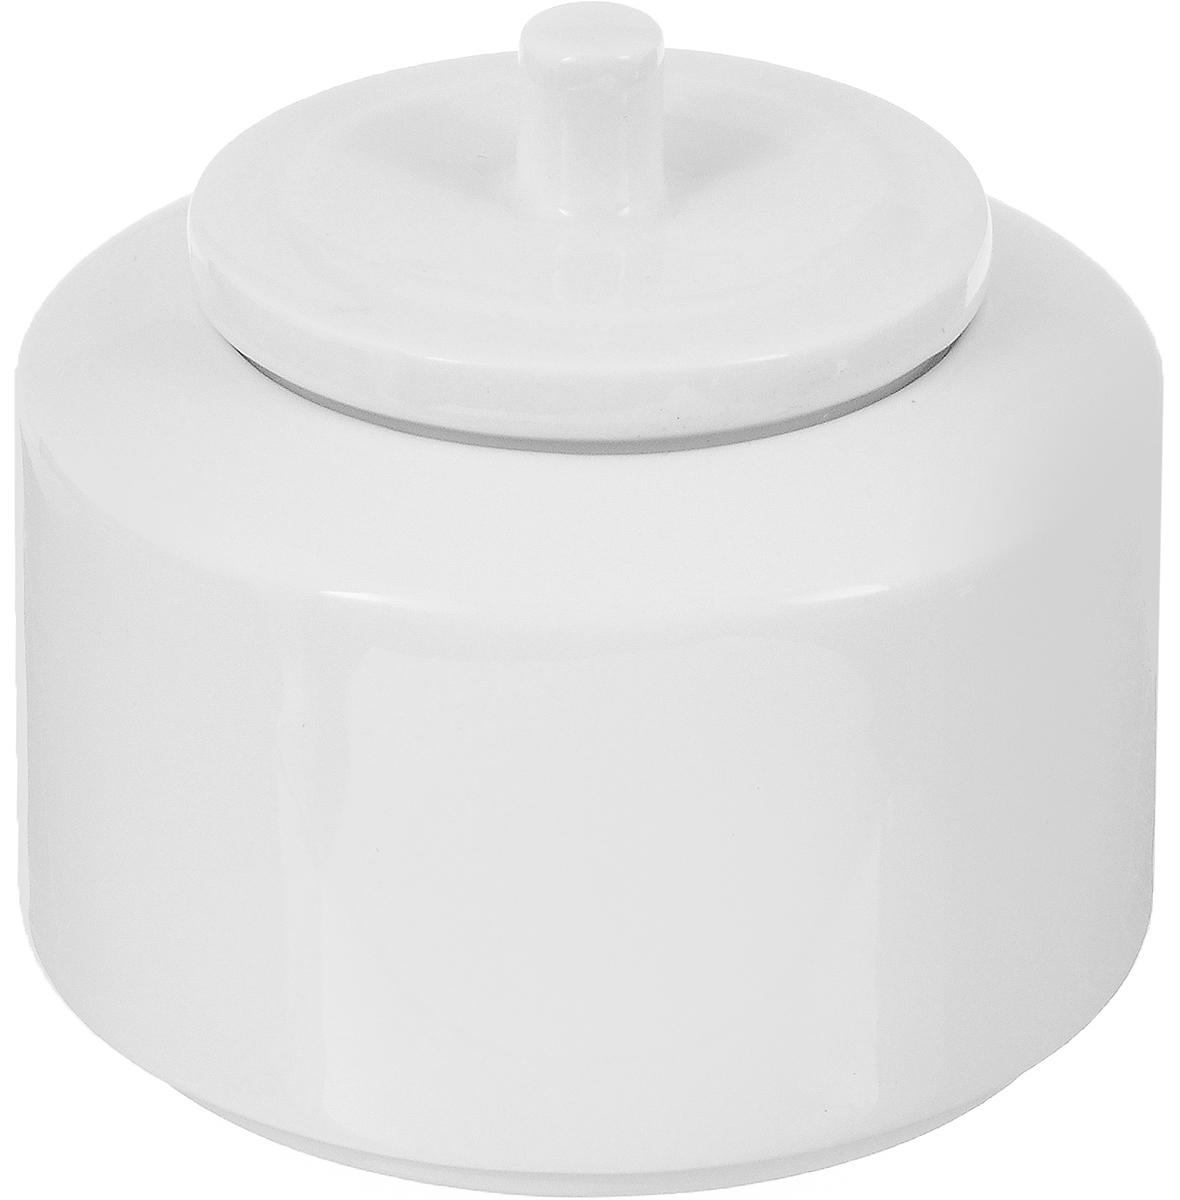 Сахарница Ariane Прайм, 270 мл115610Сахарница Ariane Прайм выполнена из высококачественного фарфора с глазурованным покрытием. Изделие имеет элегантную форму и может использоваться в качестве креманки. Десерт, поданный в такой посуде, будет ещё более сладким. Сахарница Ariane Прайм станет отличным дополнением к сервировке семейного стола и замечательным подарком для ваших родных и друзей.Можно мыть в посудомоечной машине и использовать в микроволновой печи. Диаметр (по верхнему краю): 6,5 см. Высота (без учета крышки): 6 см.